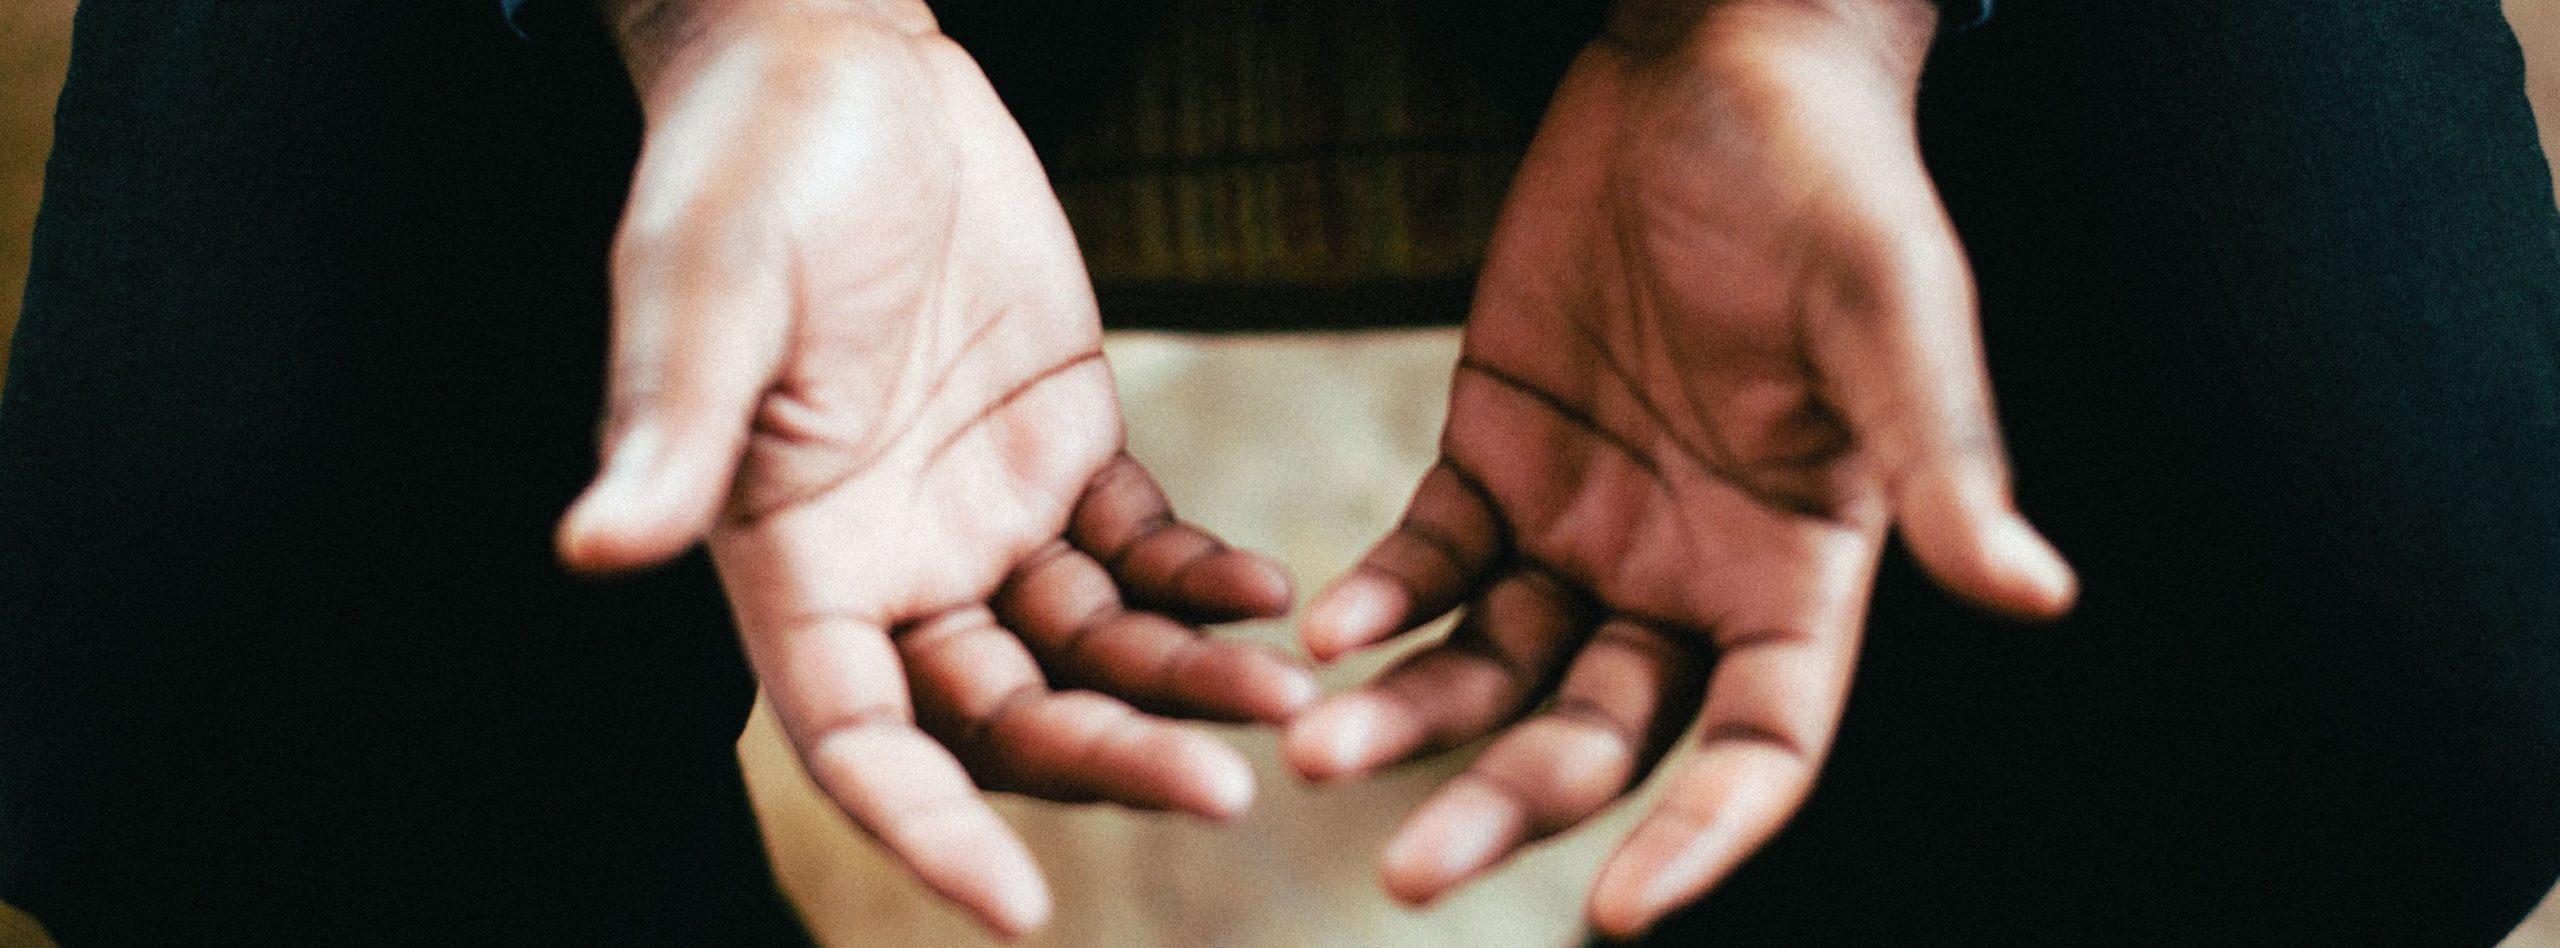 Mains - Comment avoir de belles mains ? 7 gestes à adopter - Dermophil